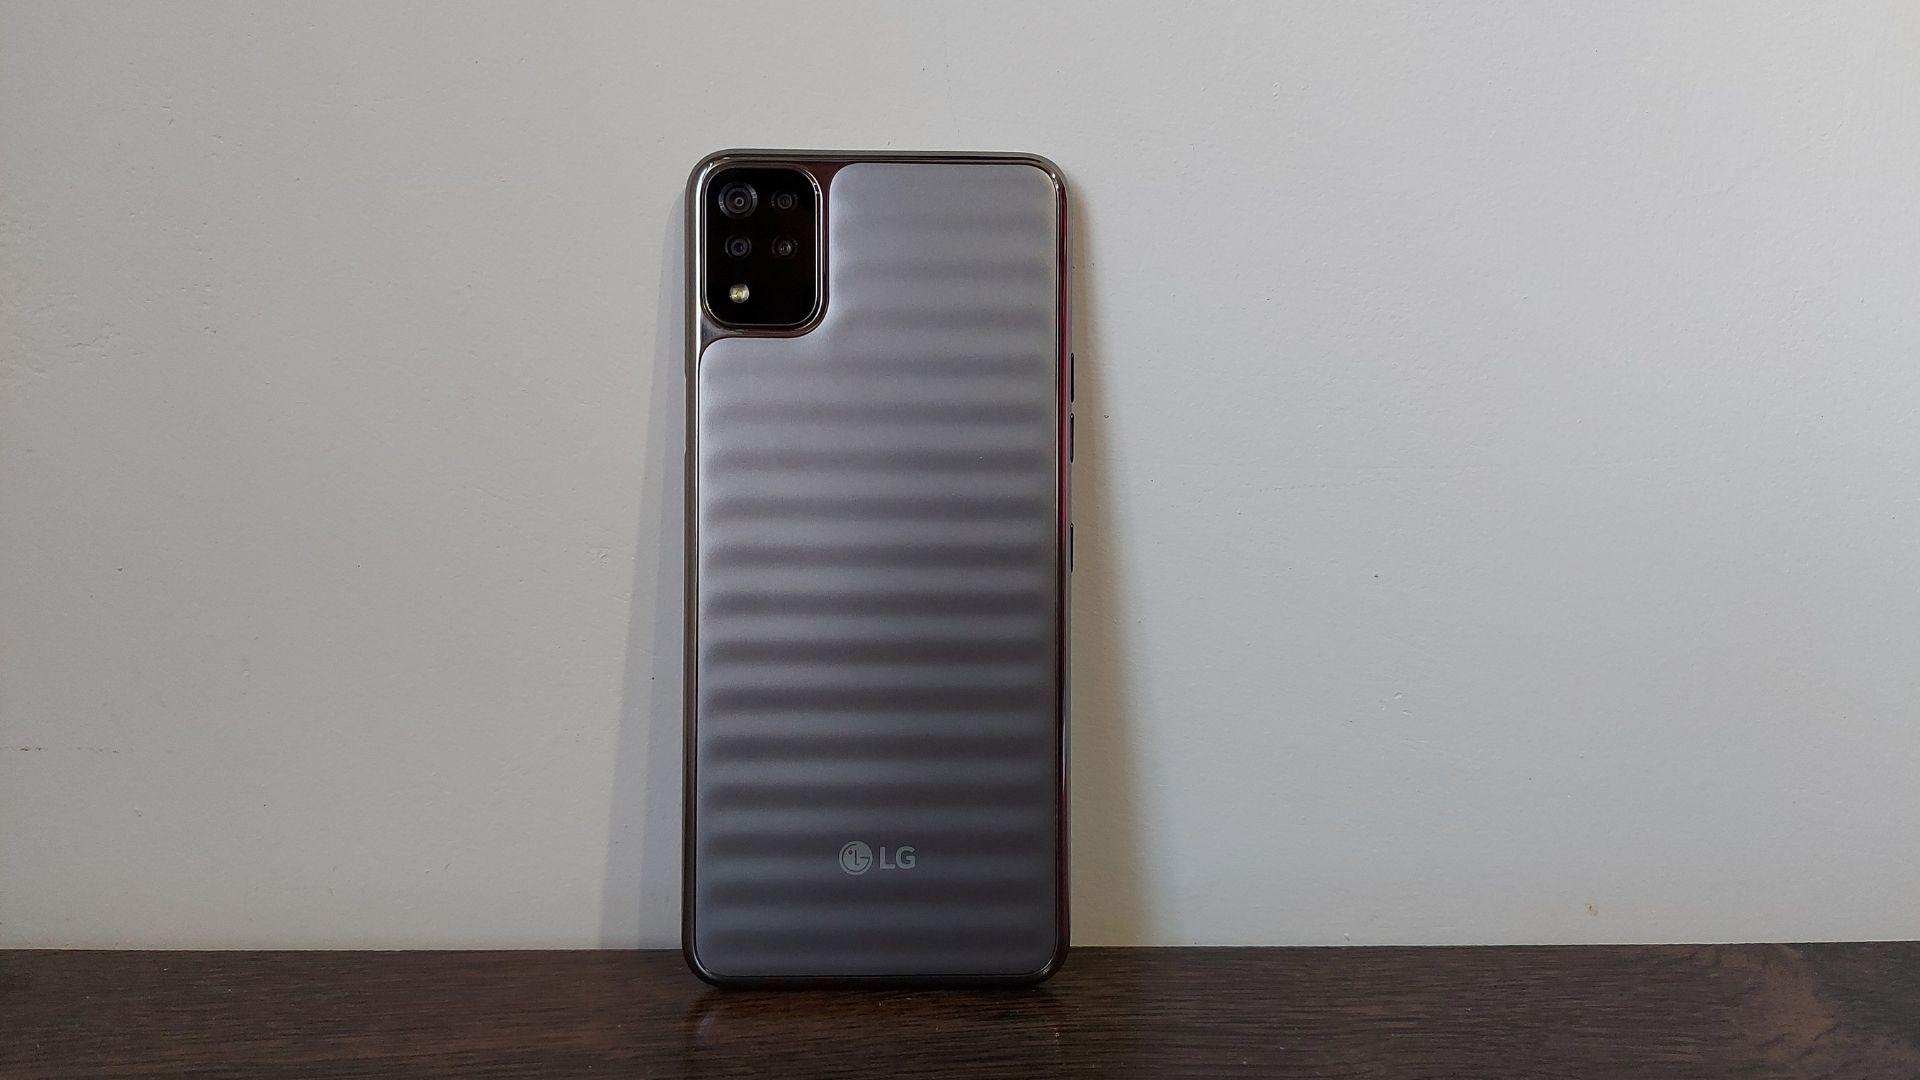 LG K52: design e bateria estão entre os pontos fortes do celular (Foto: Aline Batista/Zoom)